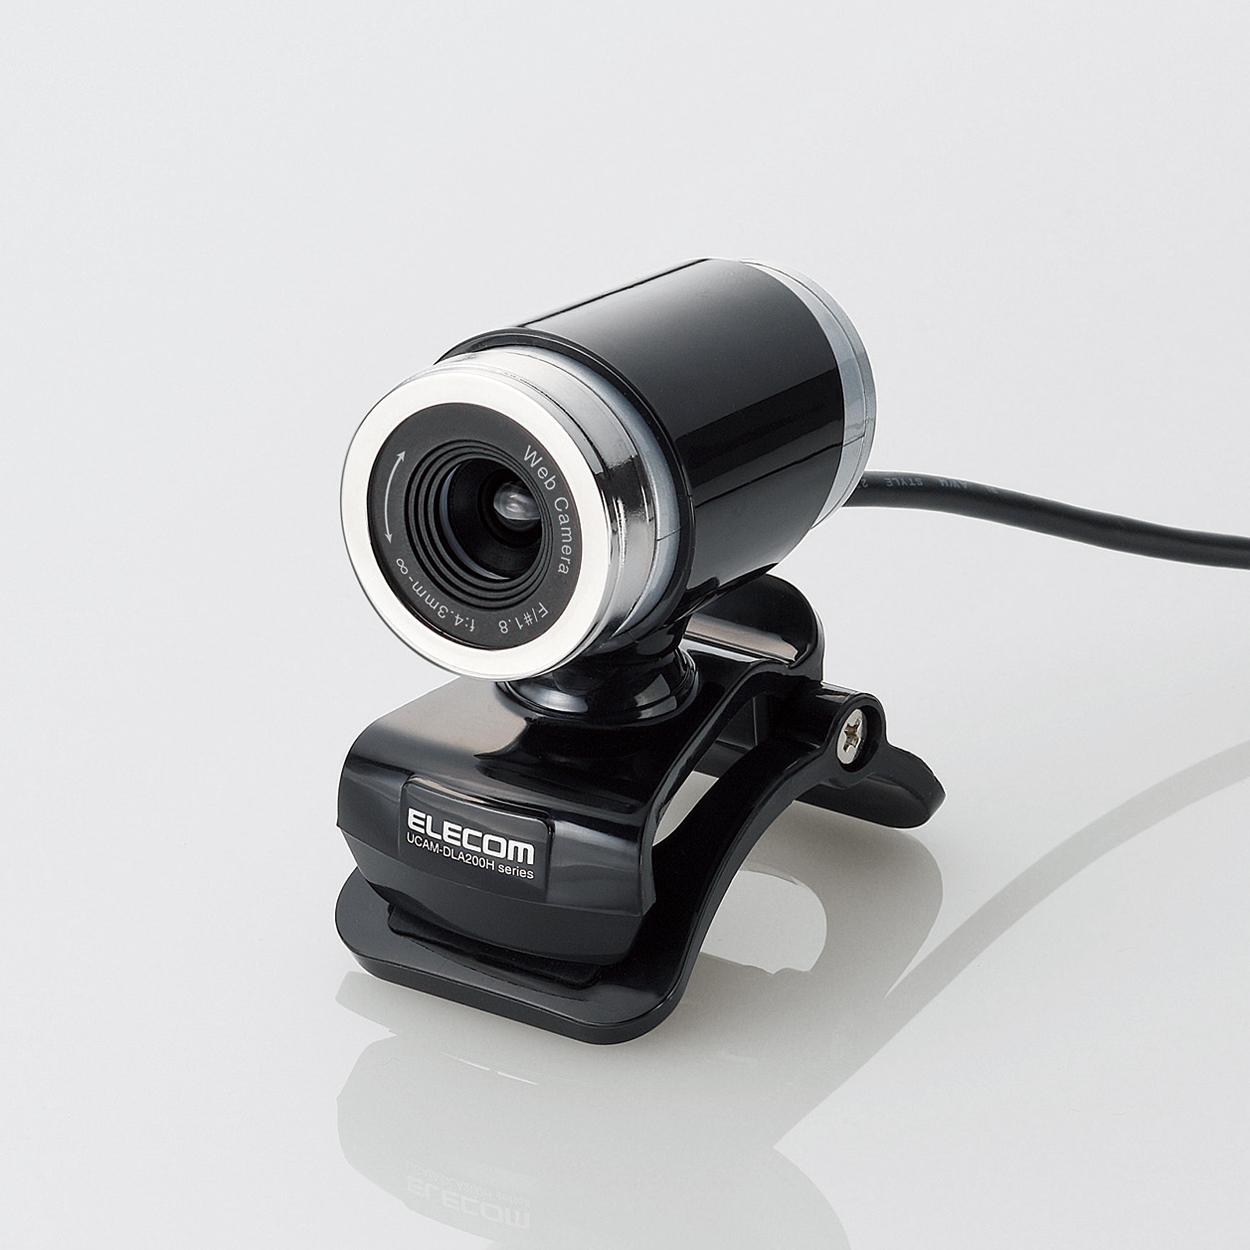 ウェブ カメラ スマホ